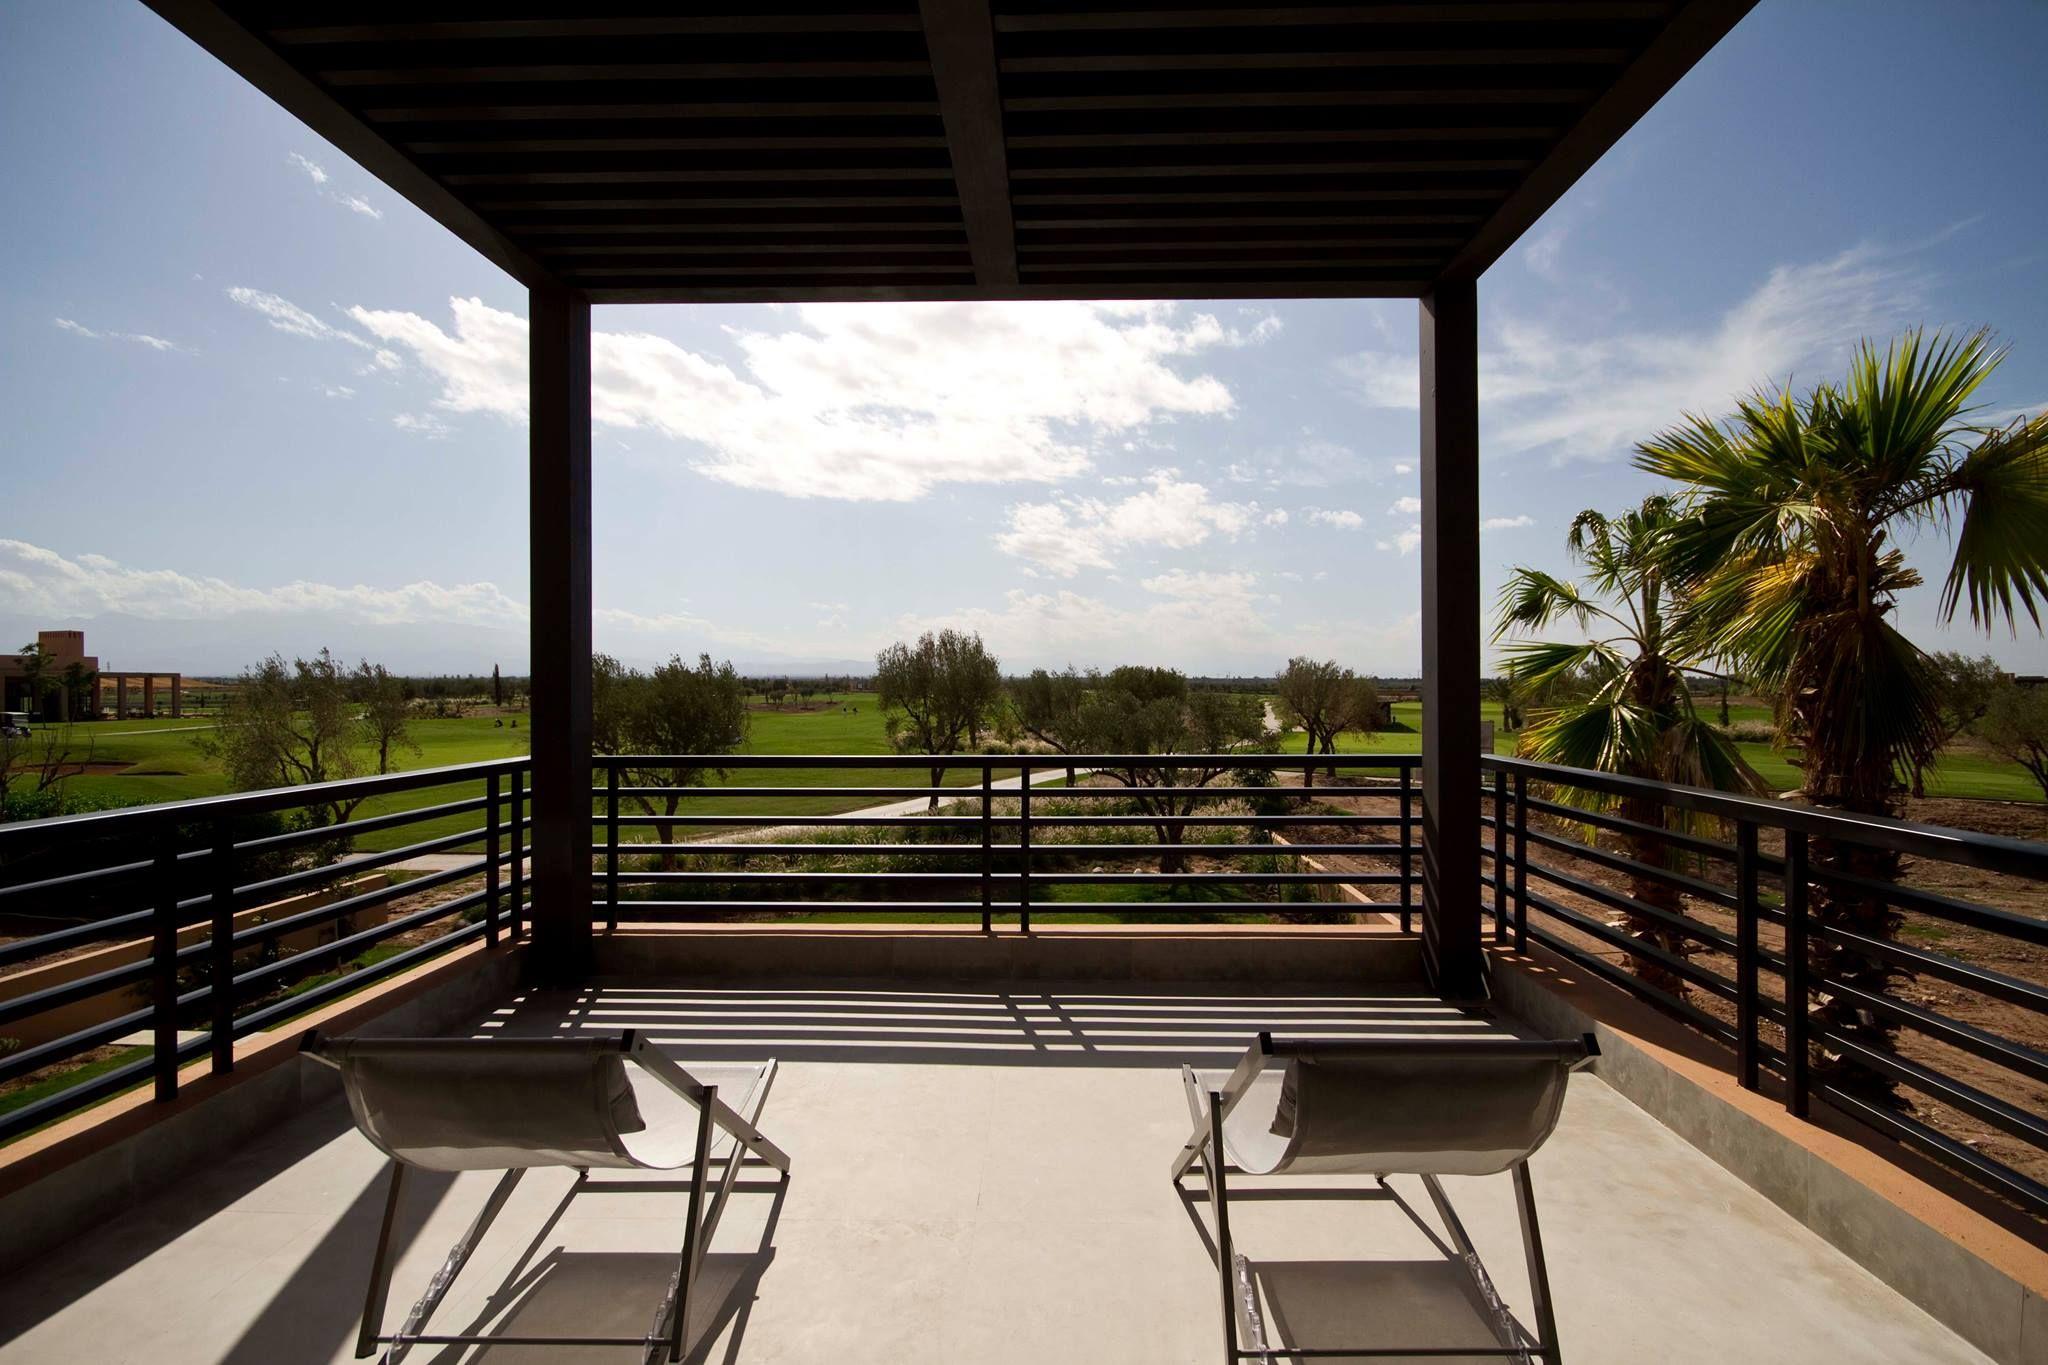 Terrace for sunbathing.